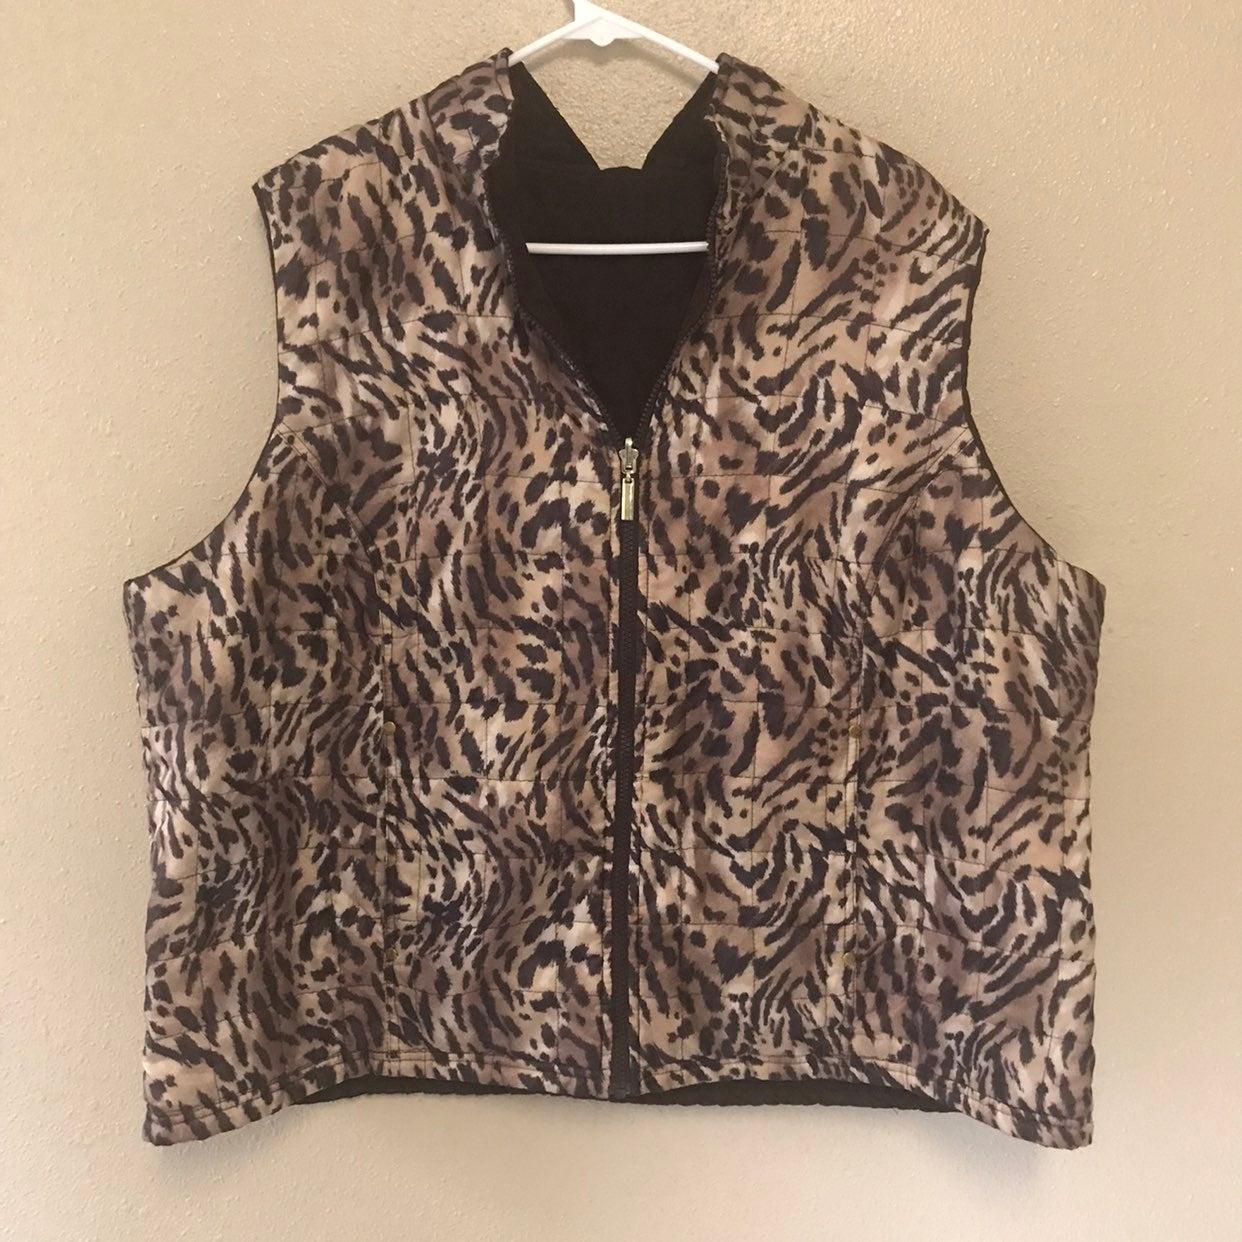 Leopard print reversible plus size vest